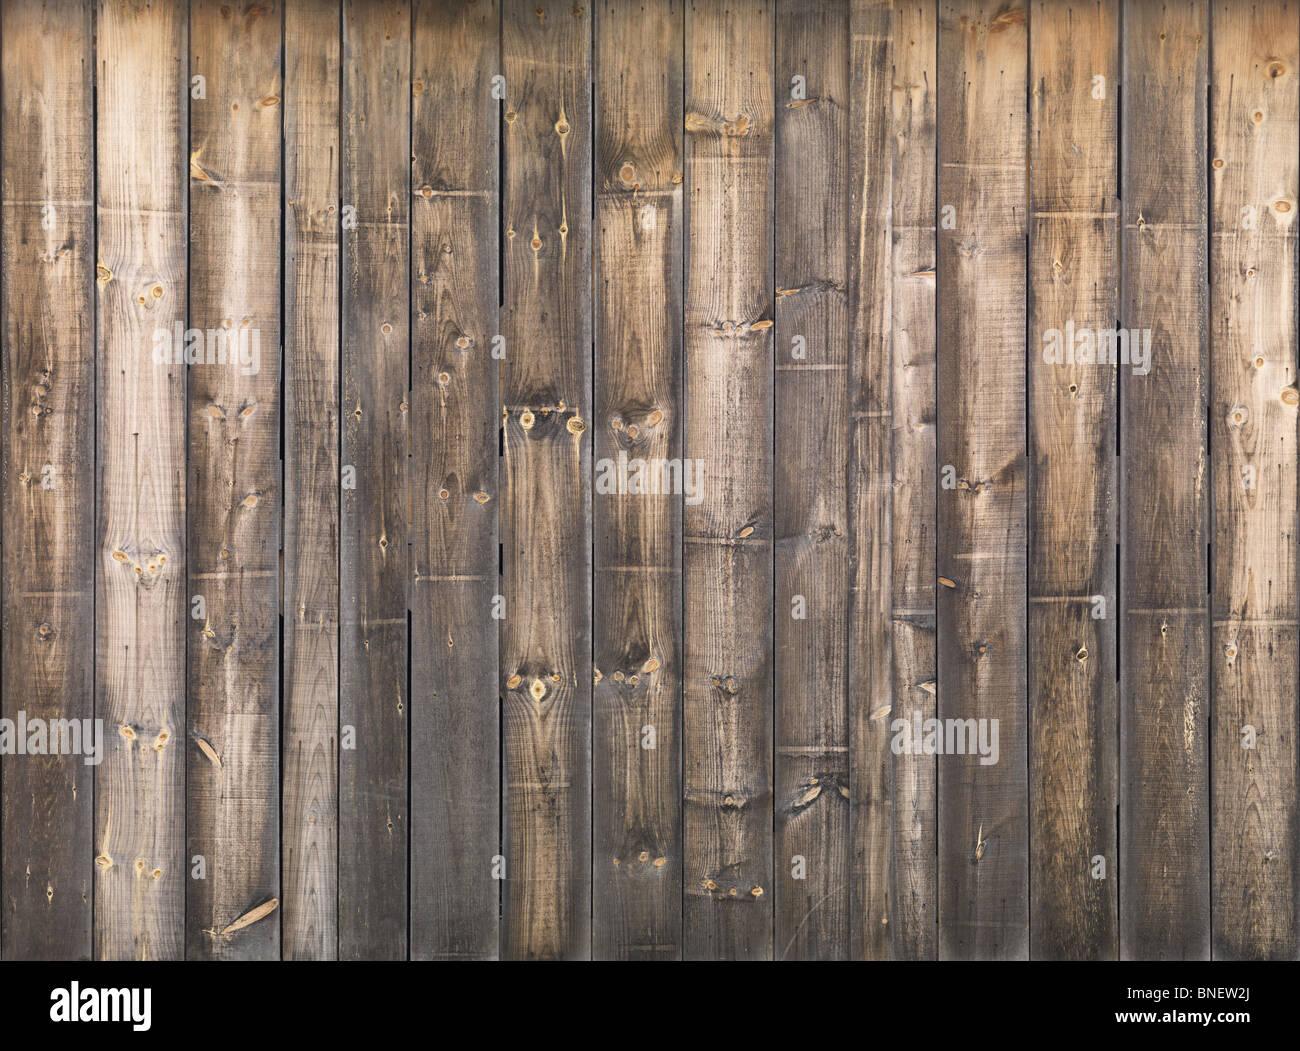 Alta resolución de textura de pared de madera antigua Imagen De Stock